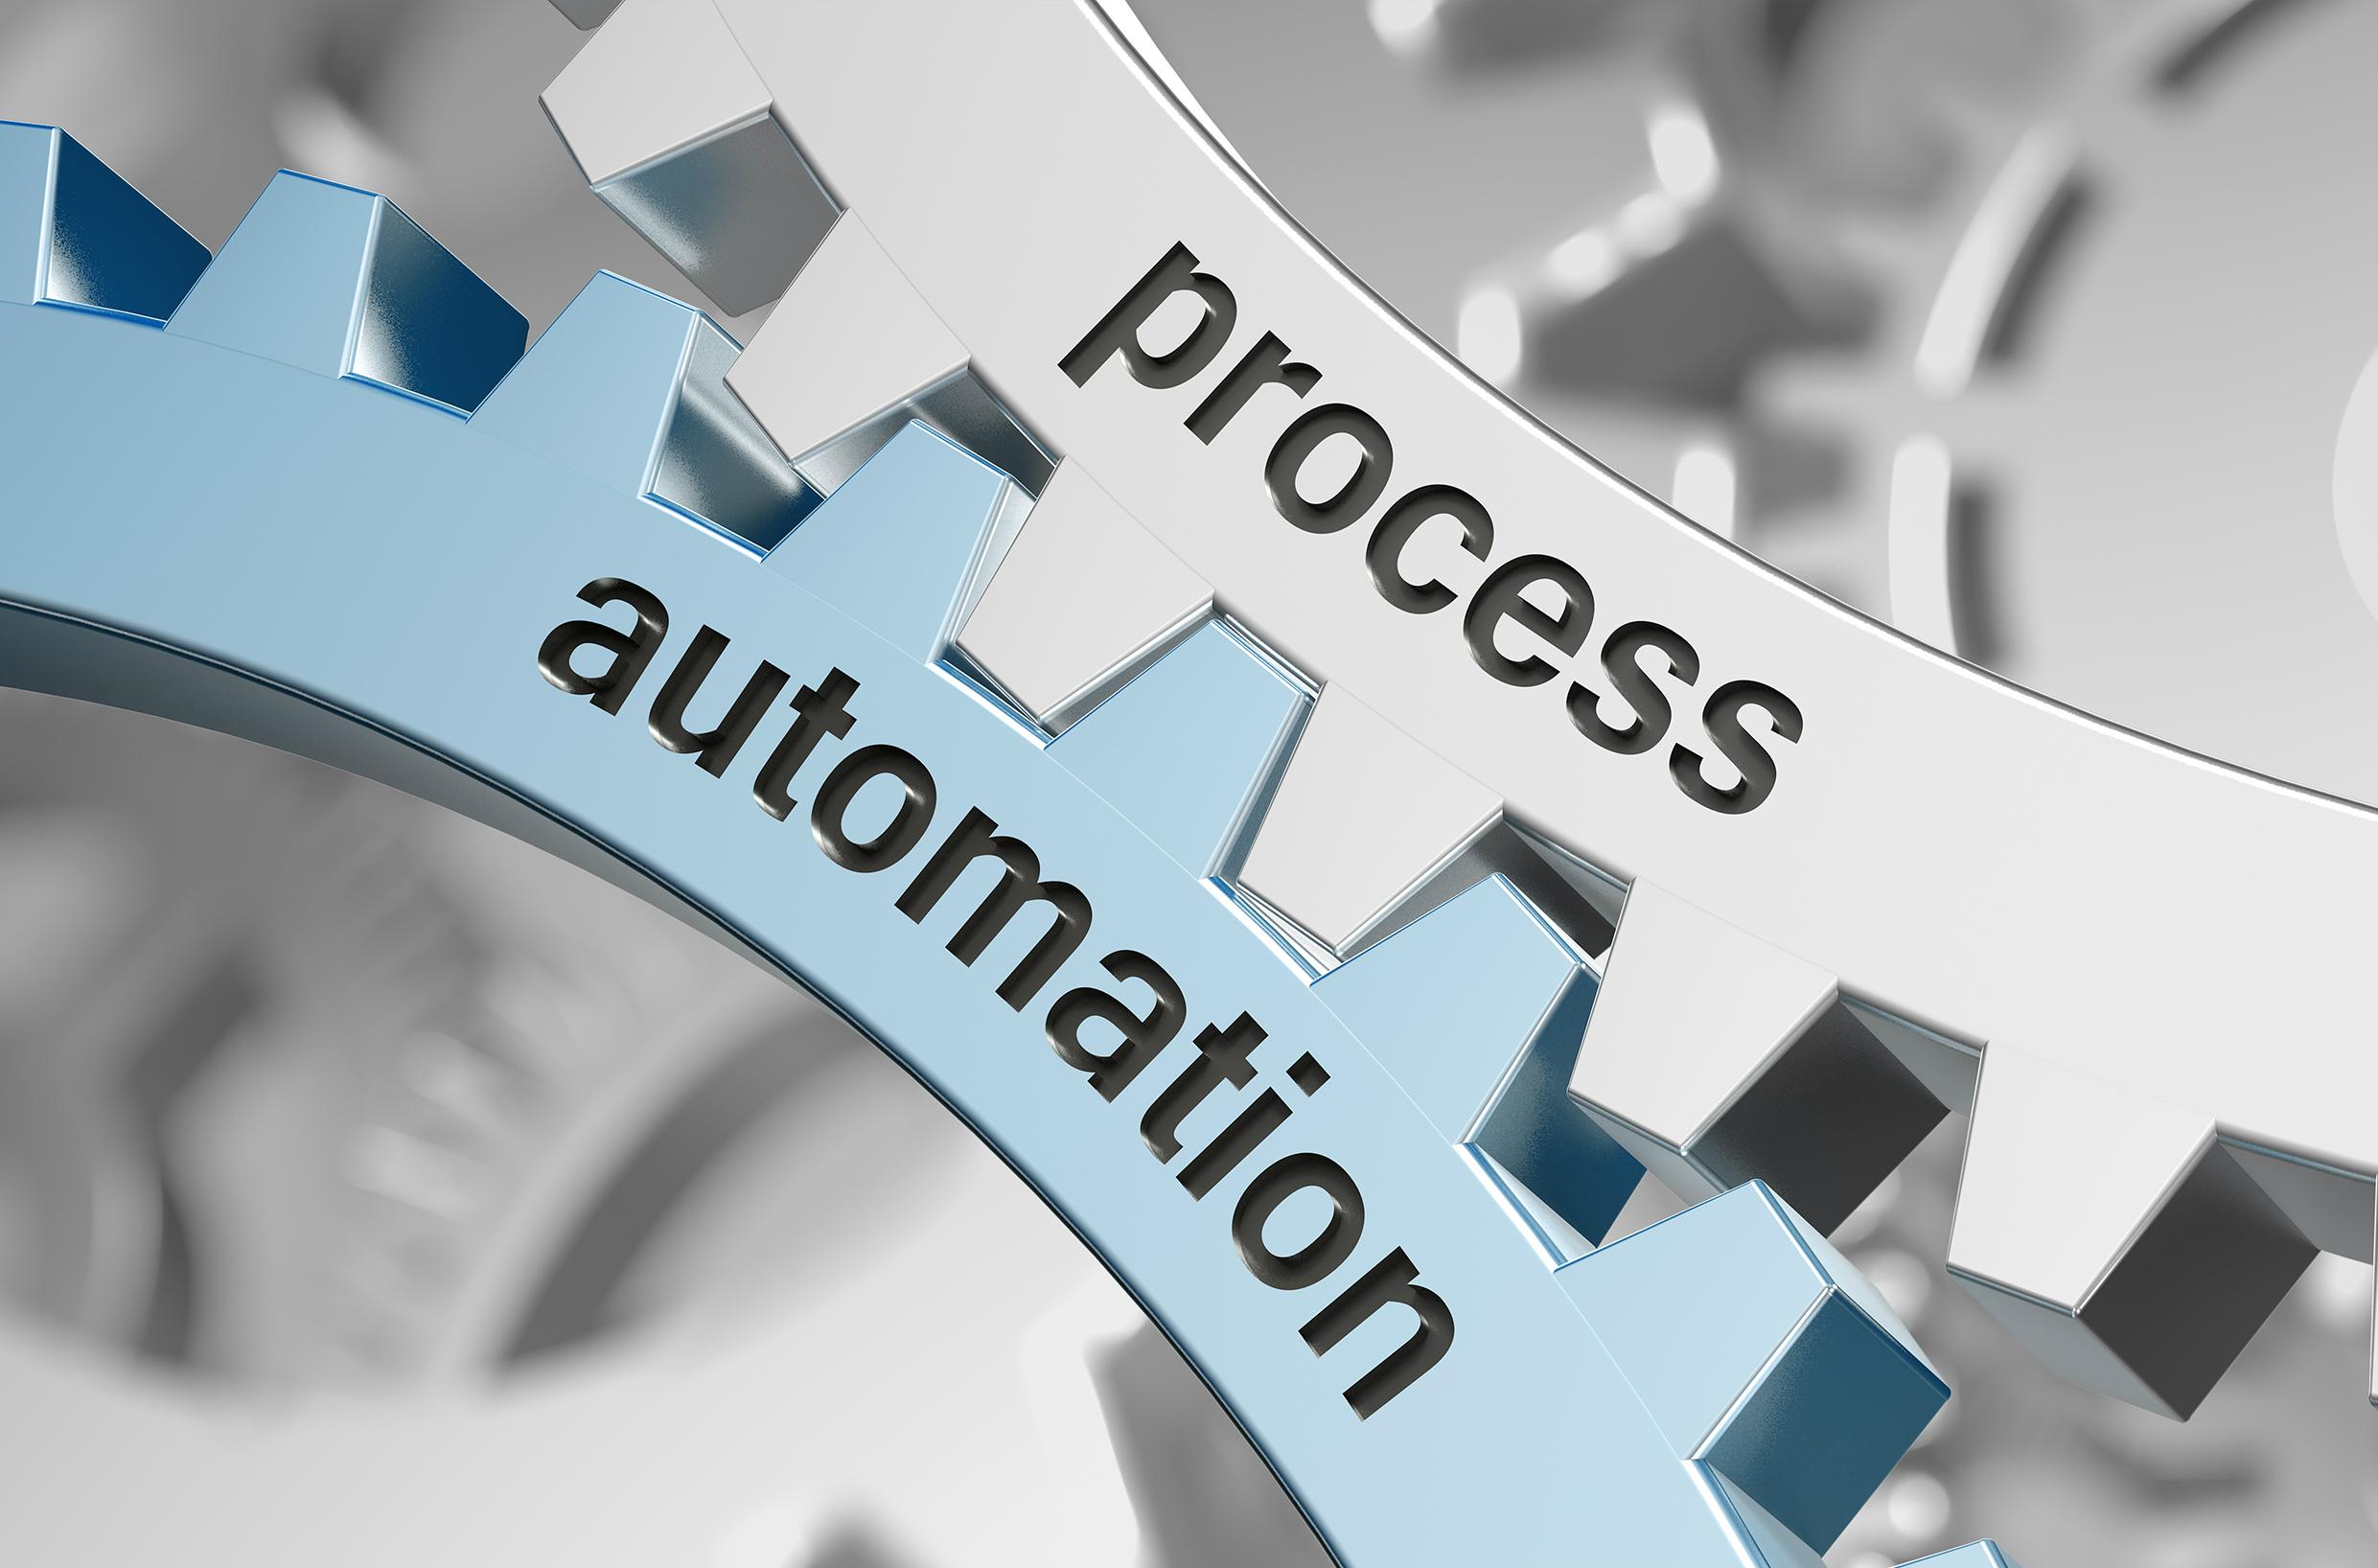 Verksamhetsarkitektur, processautomatisering och effektivisering